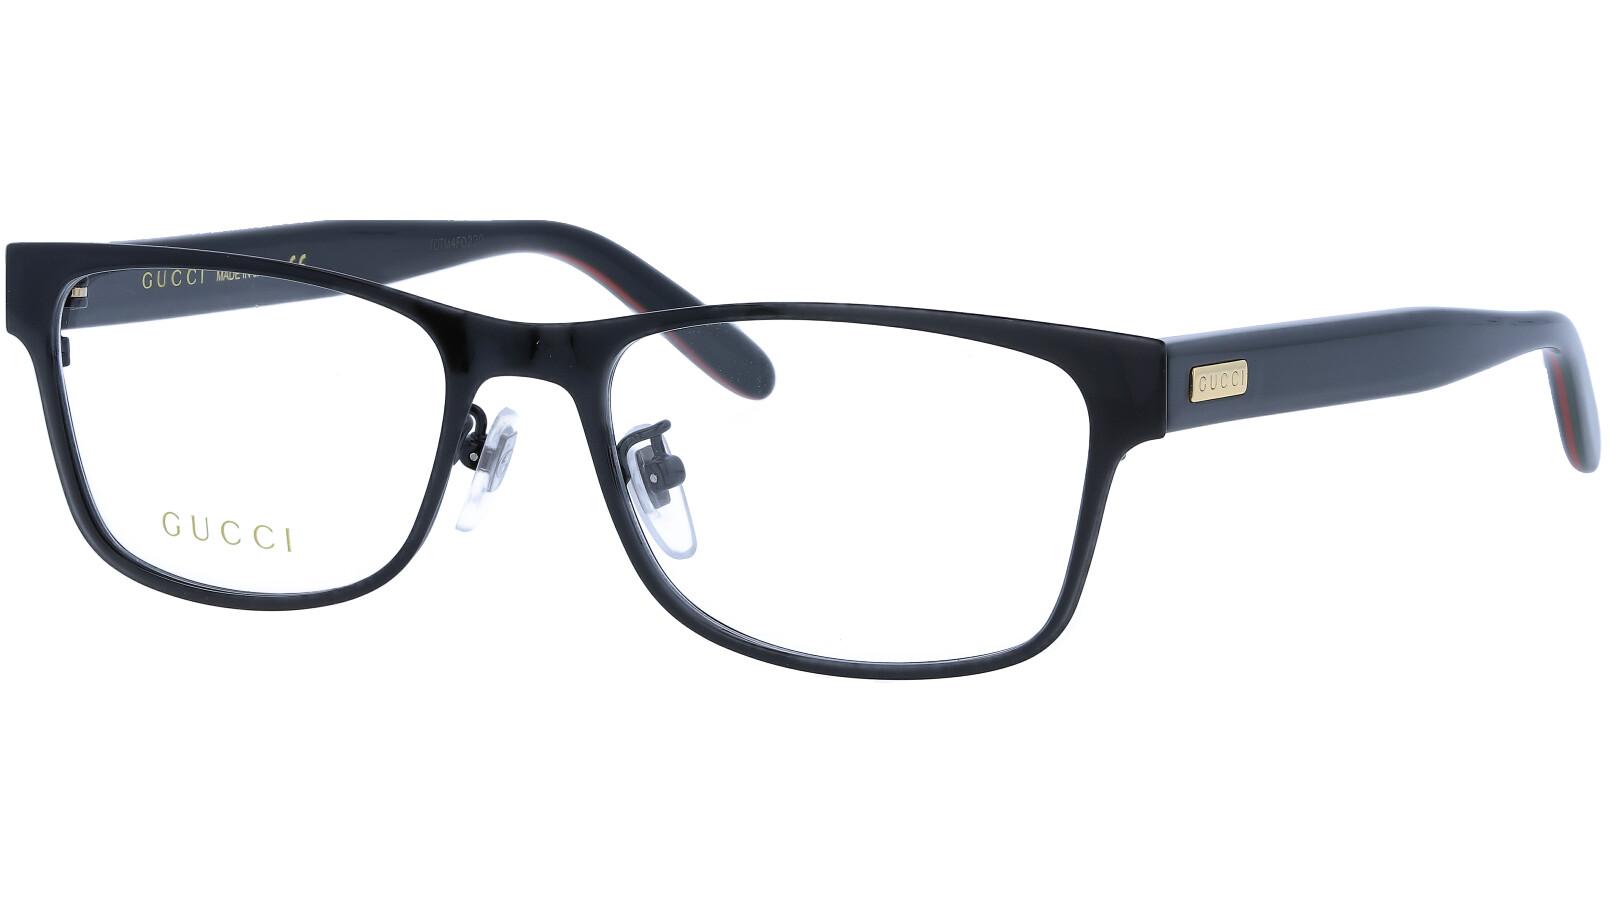 GUCCI GG0274OJ 001 55 BLACK Glasses